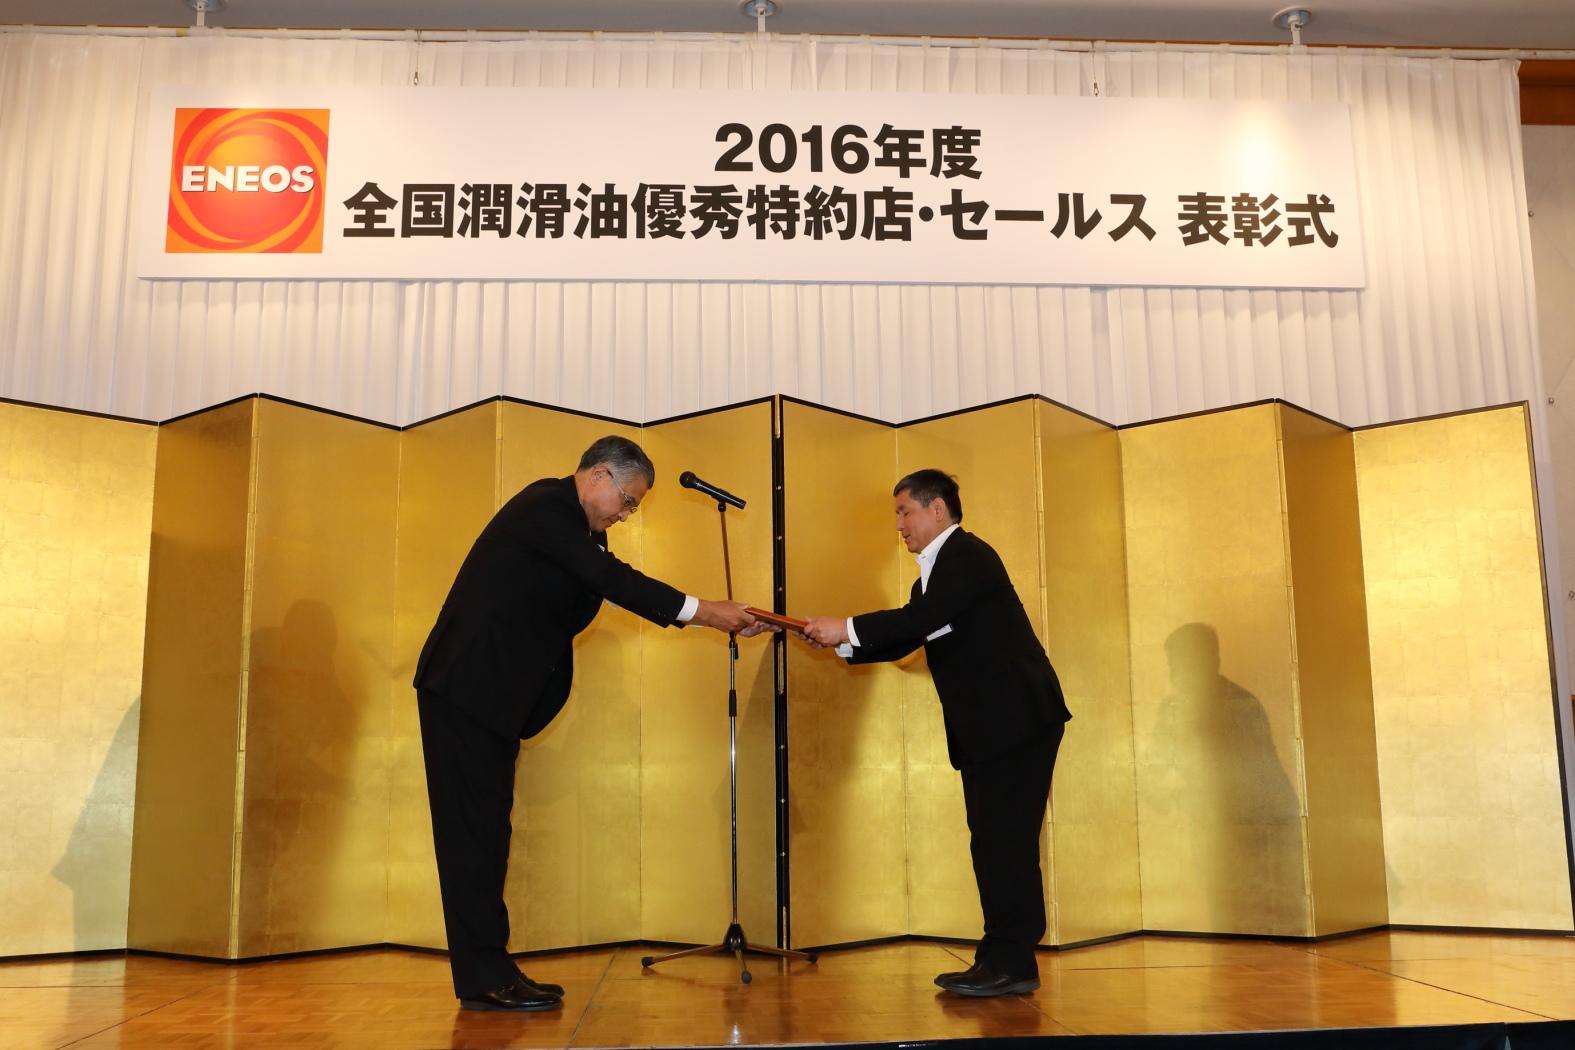 ツネイシCバリューズ、JXTGエネルギーより『2016年度全国潤滑油優秀特約店』として表彰、商品別部門『船舶用潤滑クラス第1位』に入賞